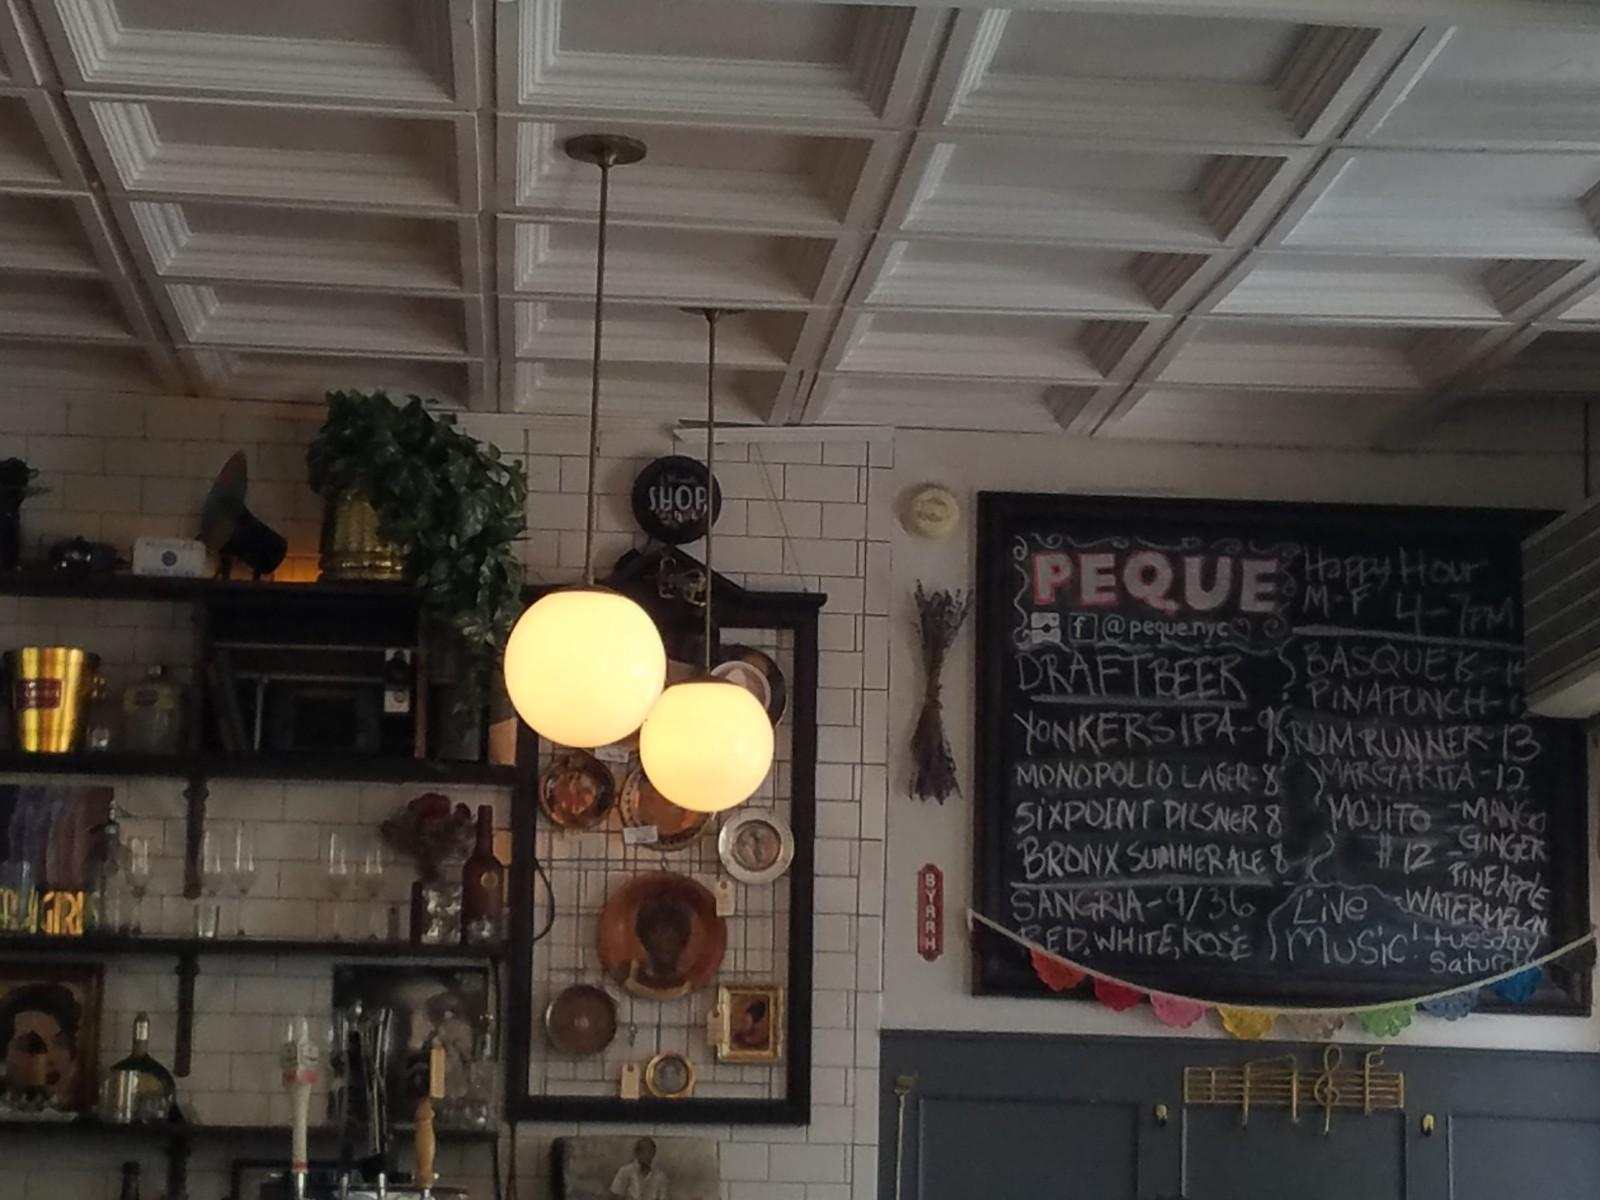 Inside Peque